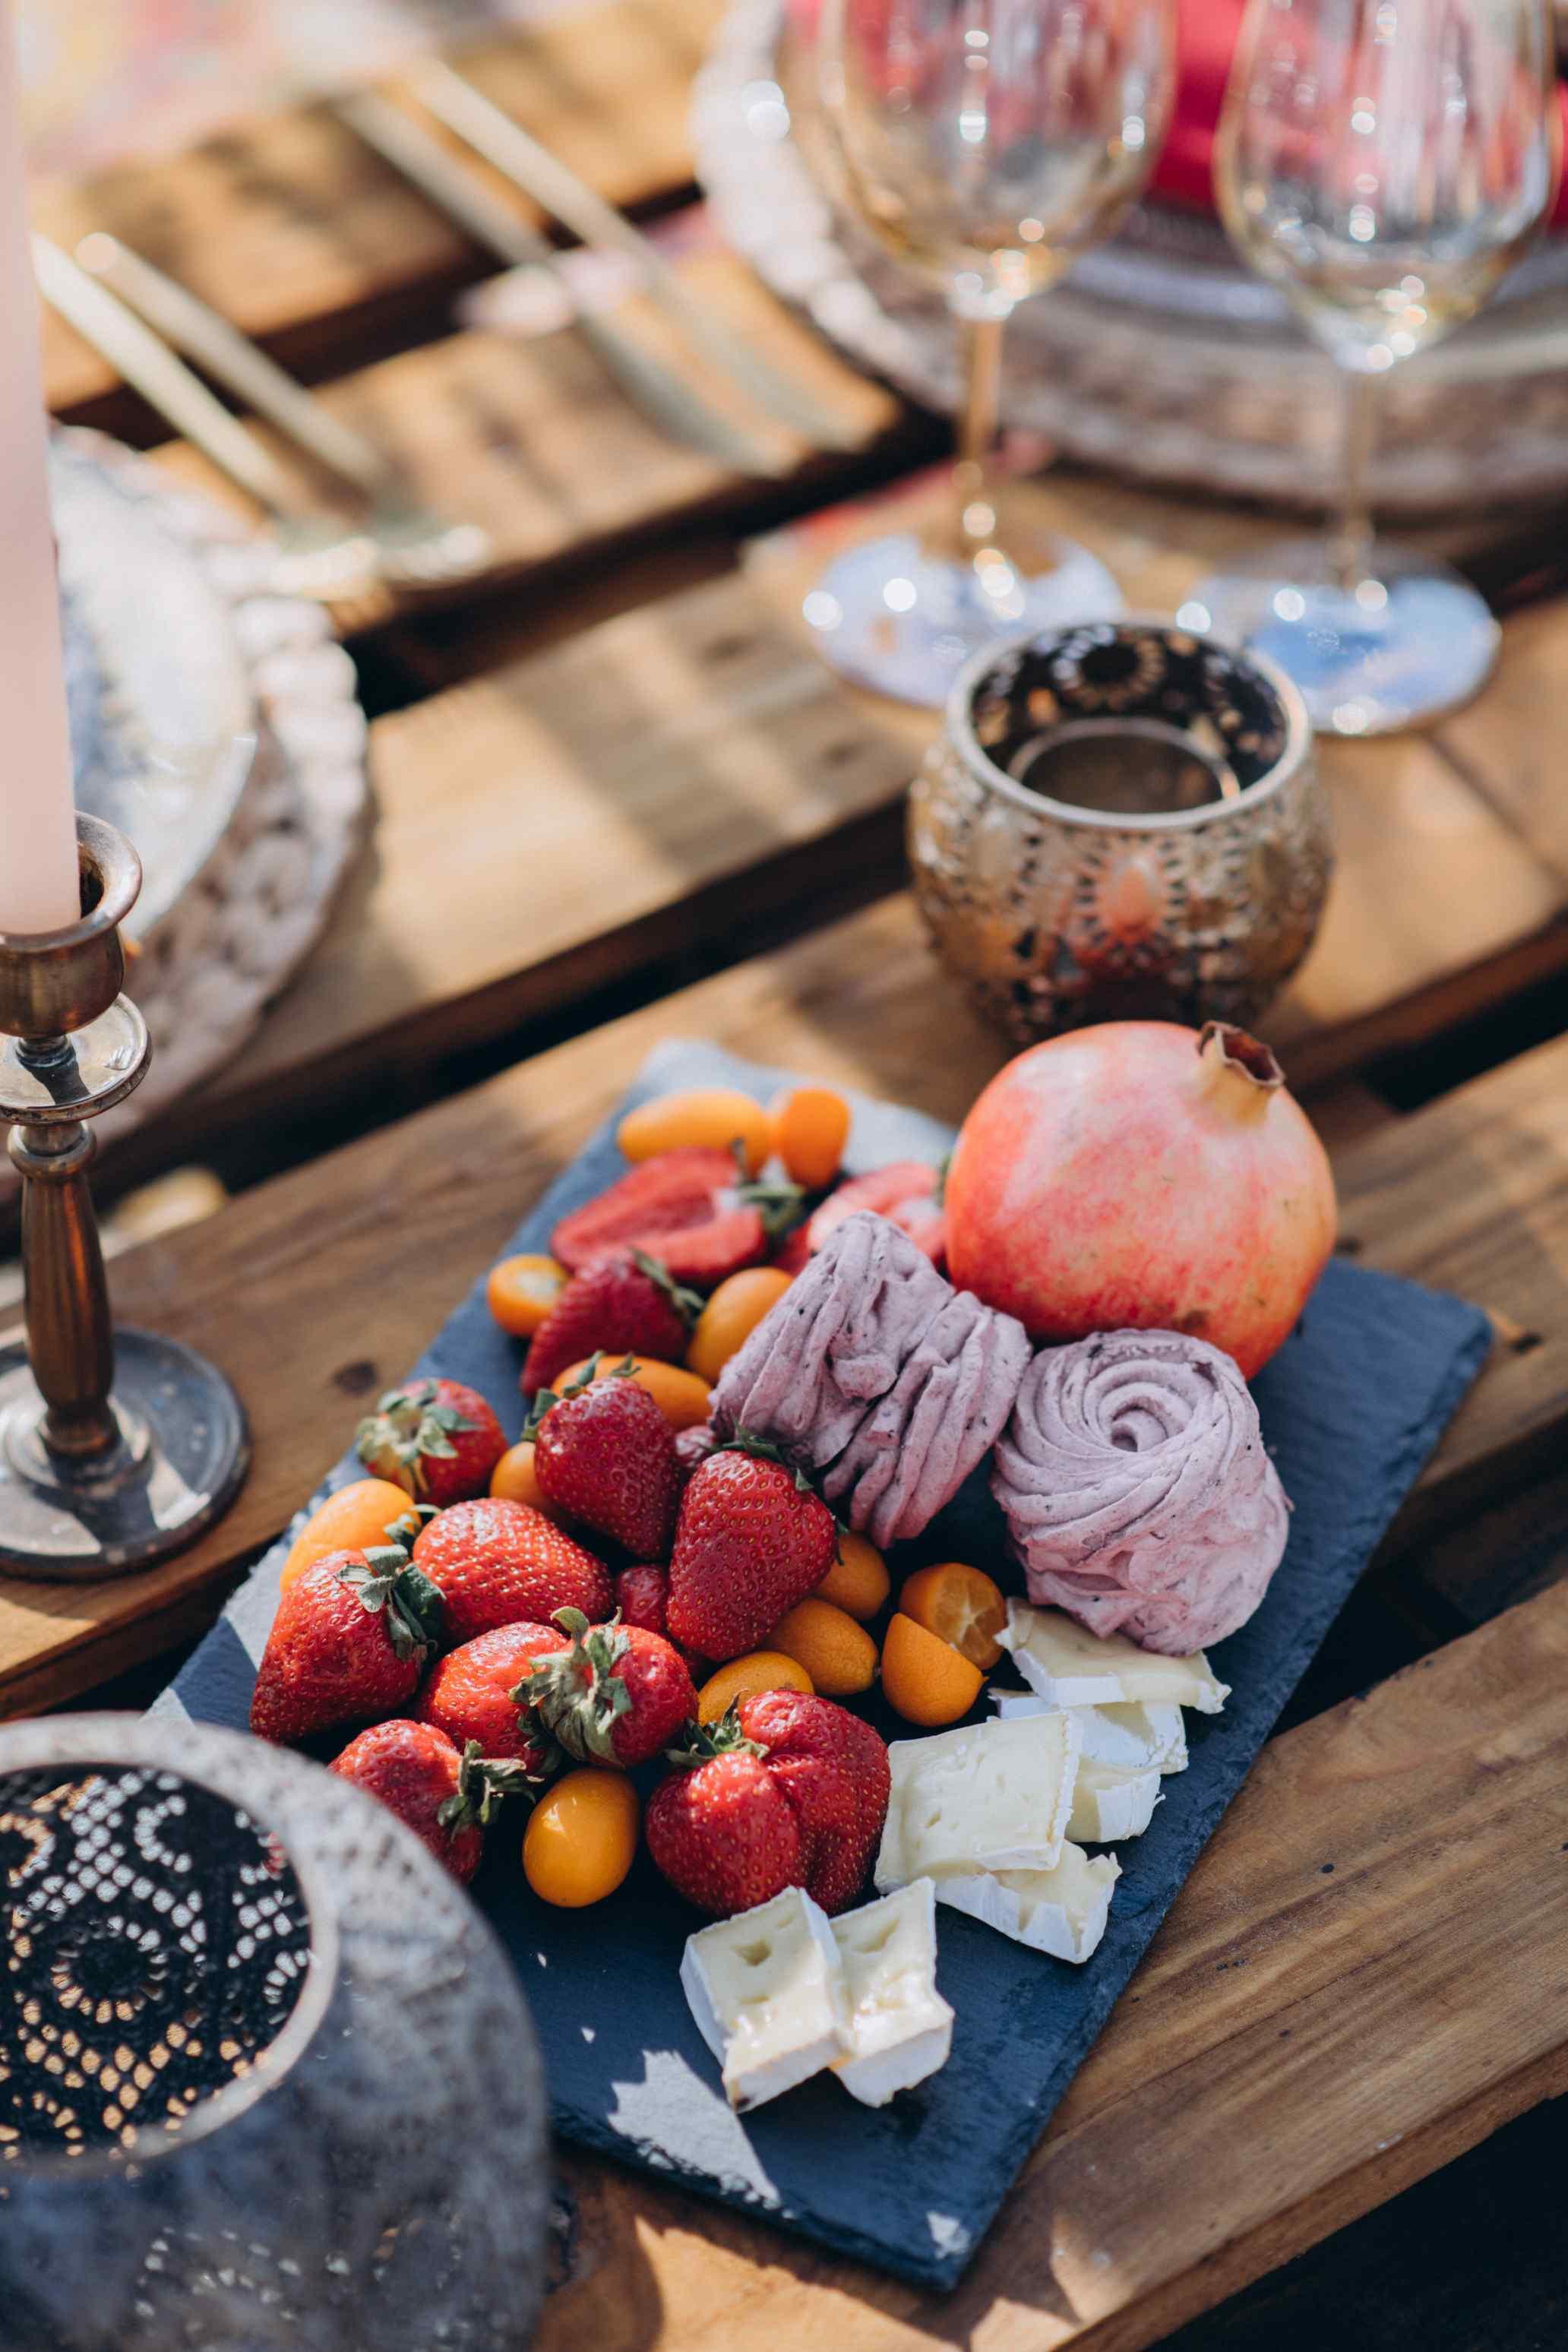 детали свадебной сервировки